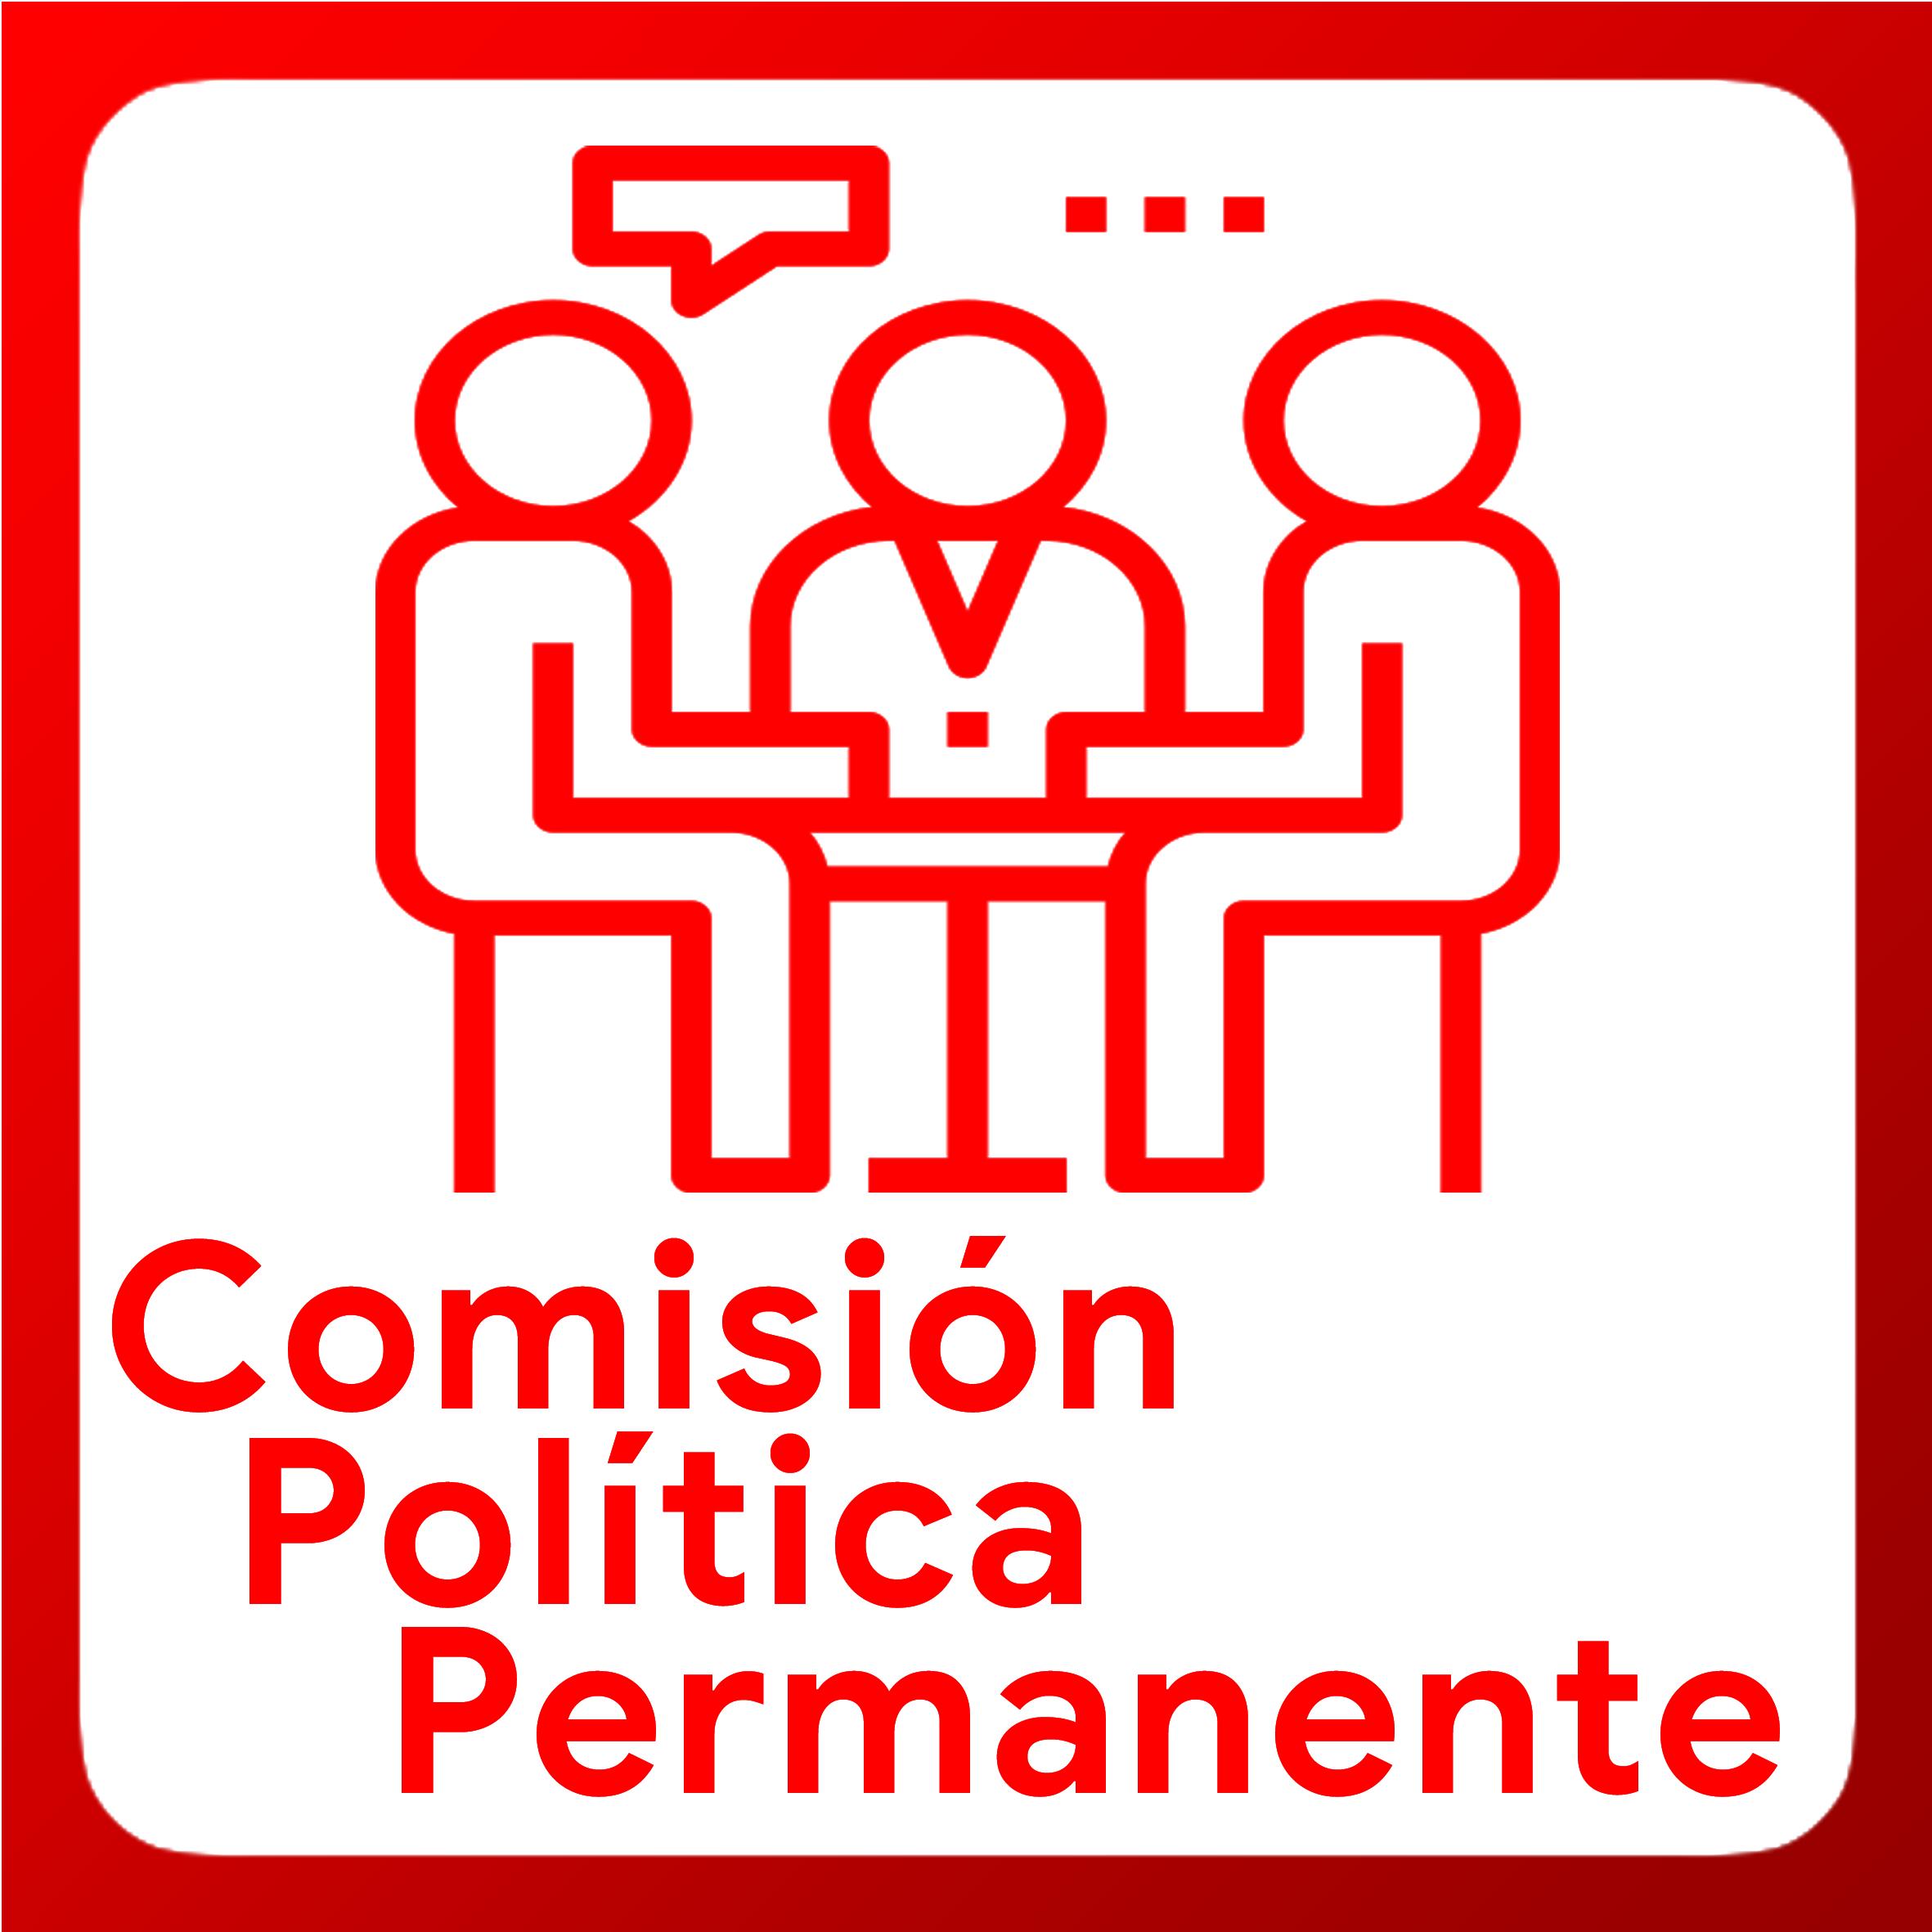 Boton activable de Comisión Política Permanente